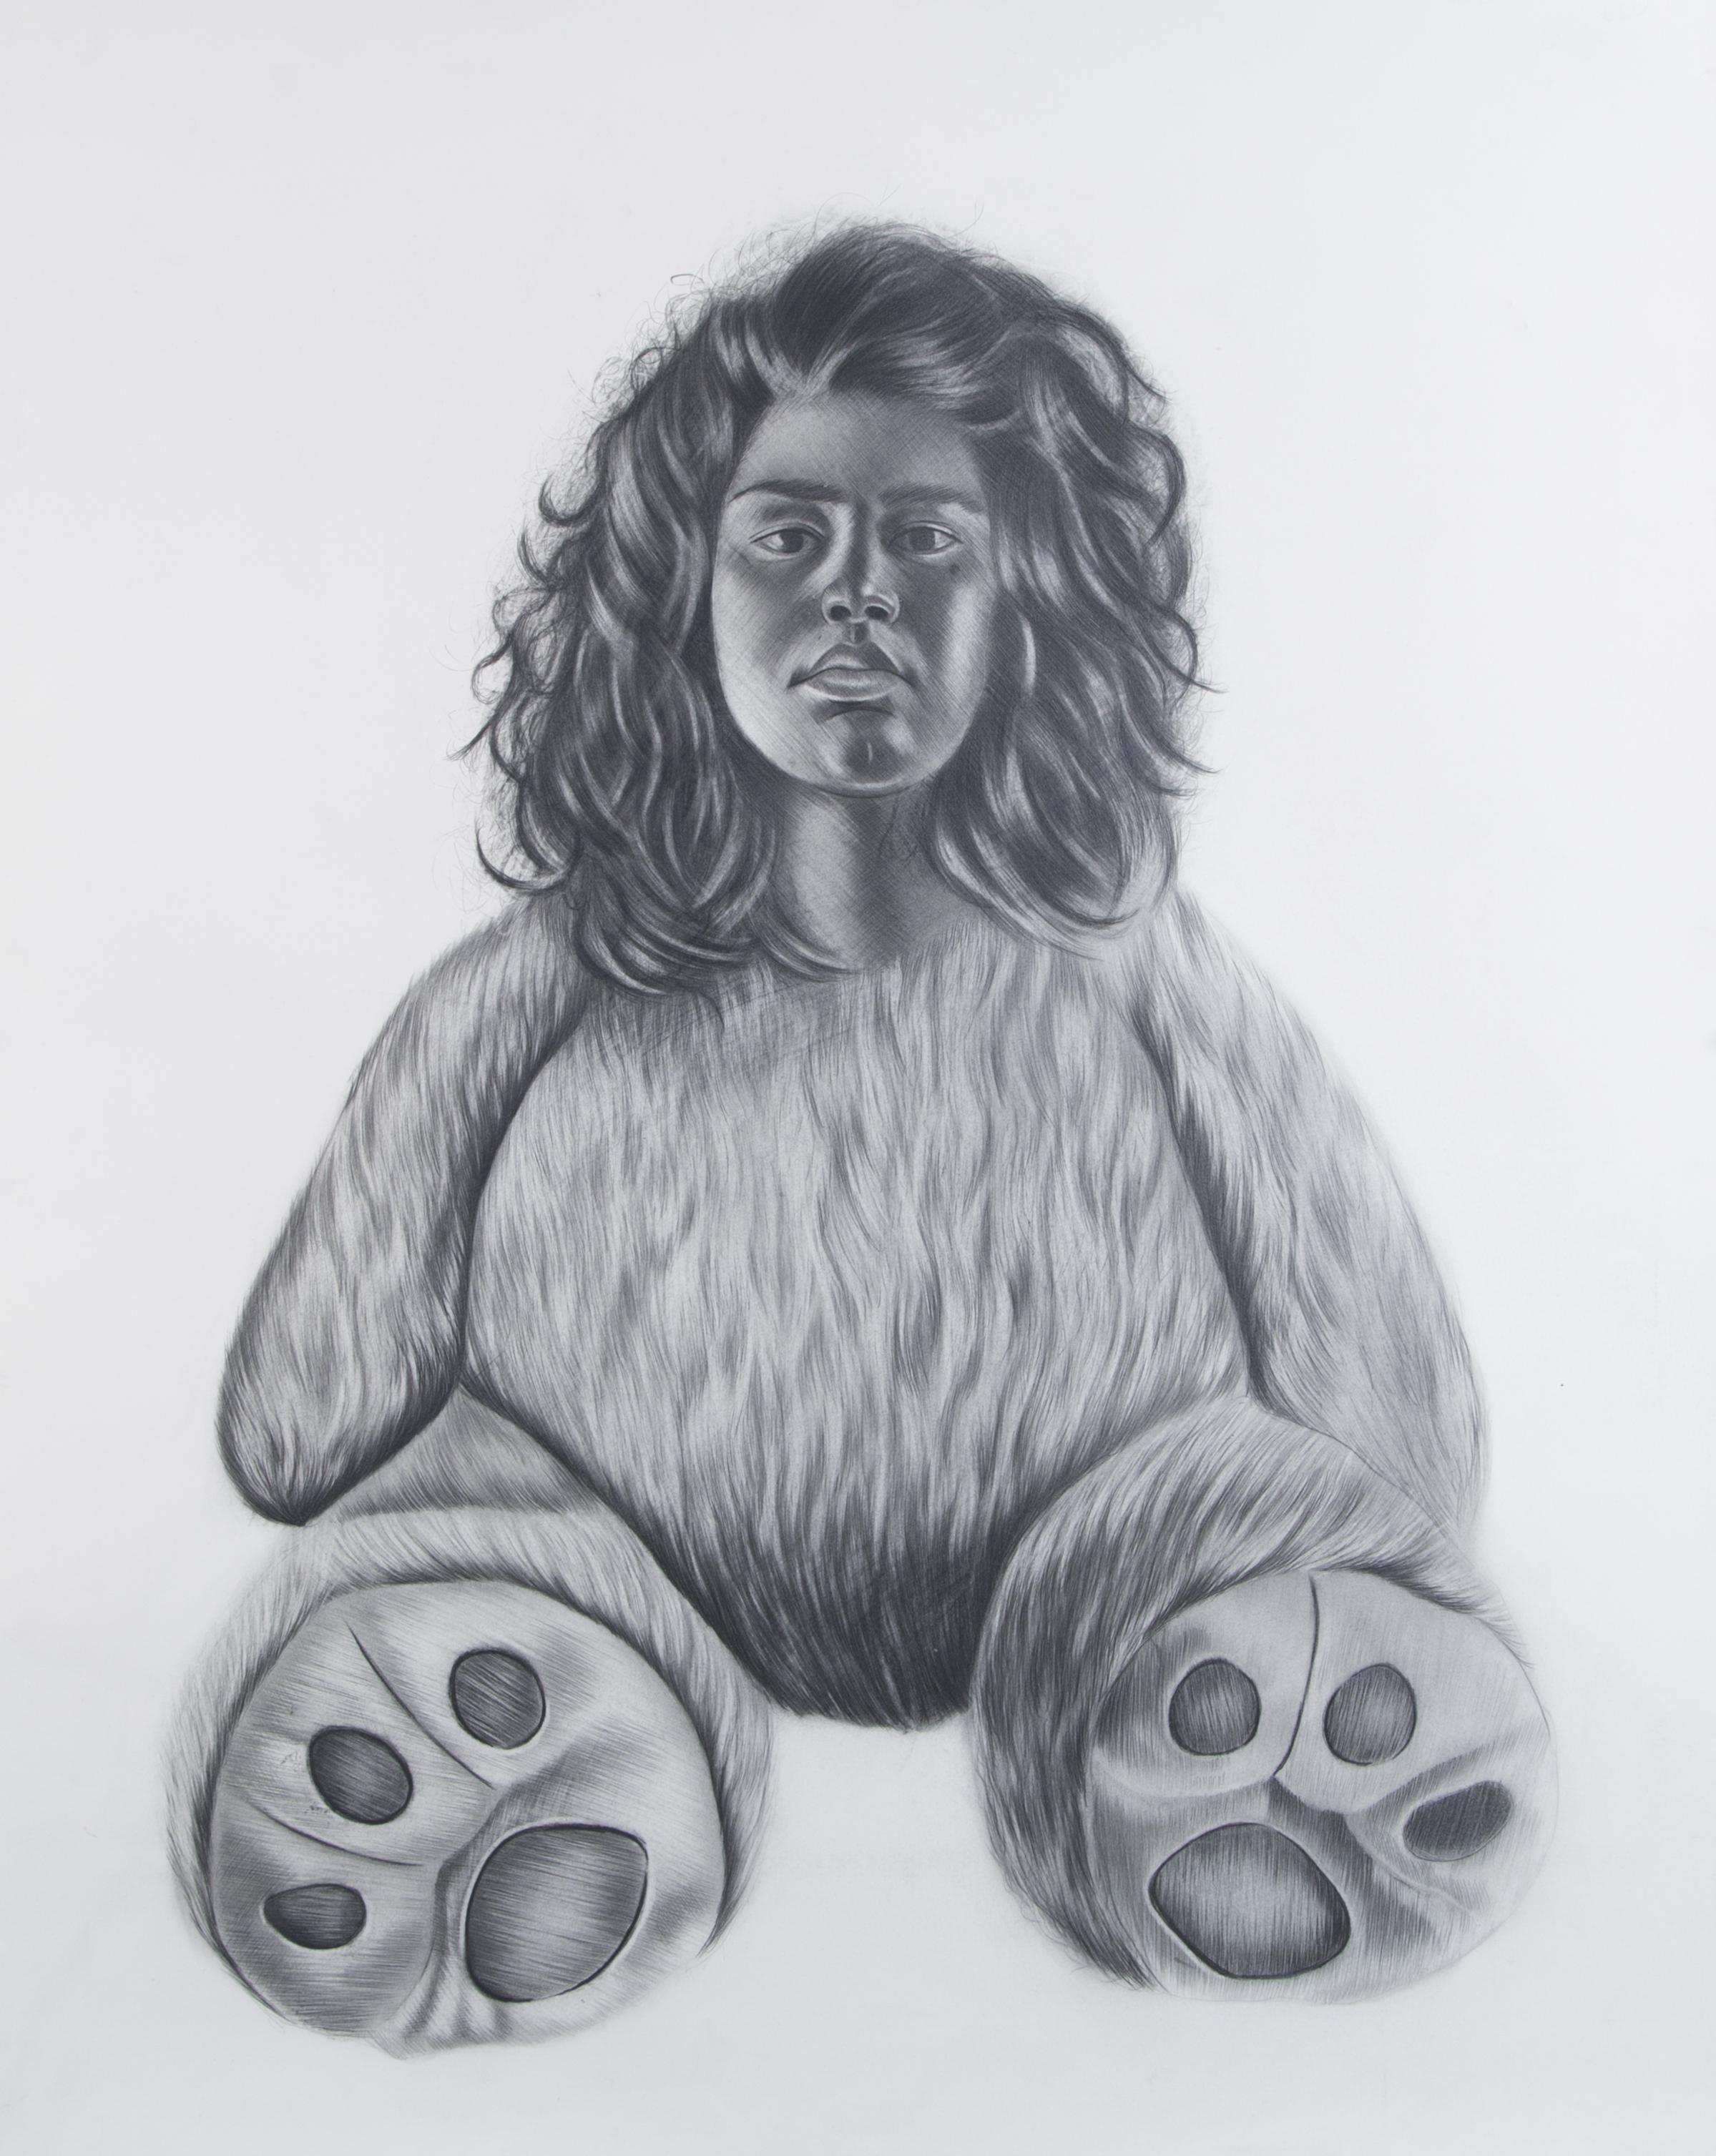 Criatura #1, 22 x 30 inches. Graphite on paper. 2018